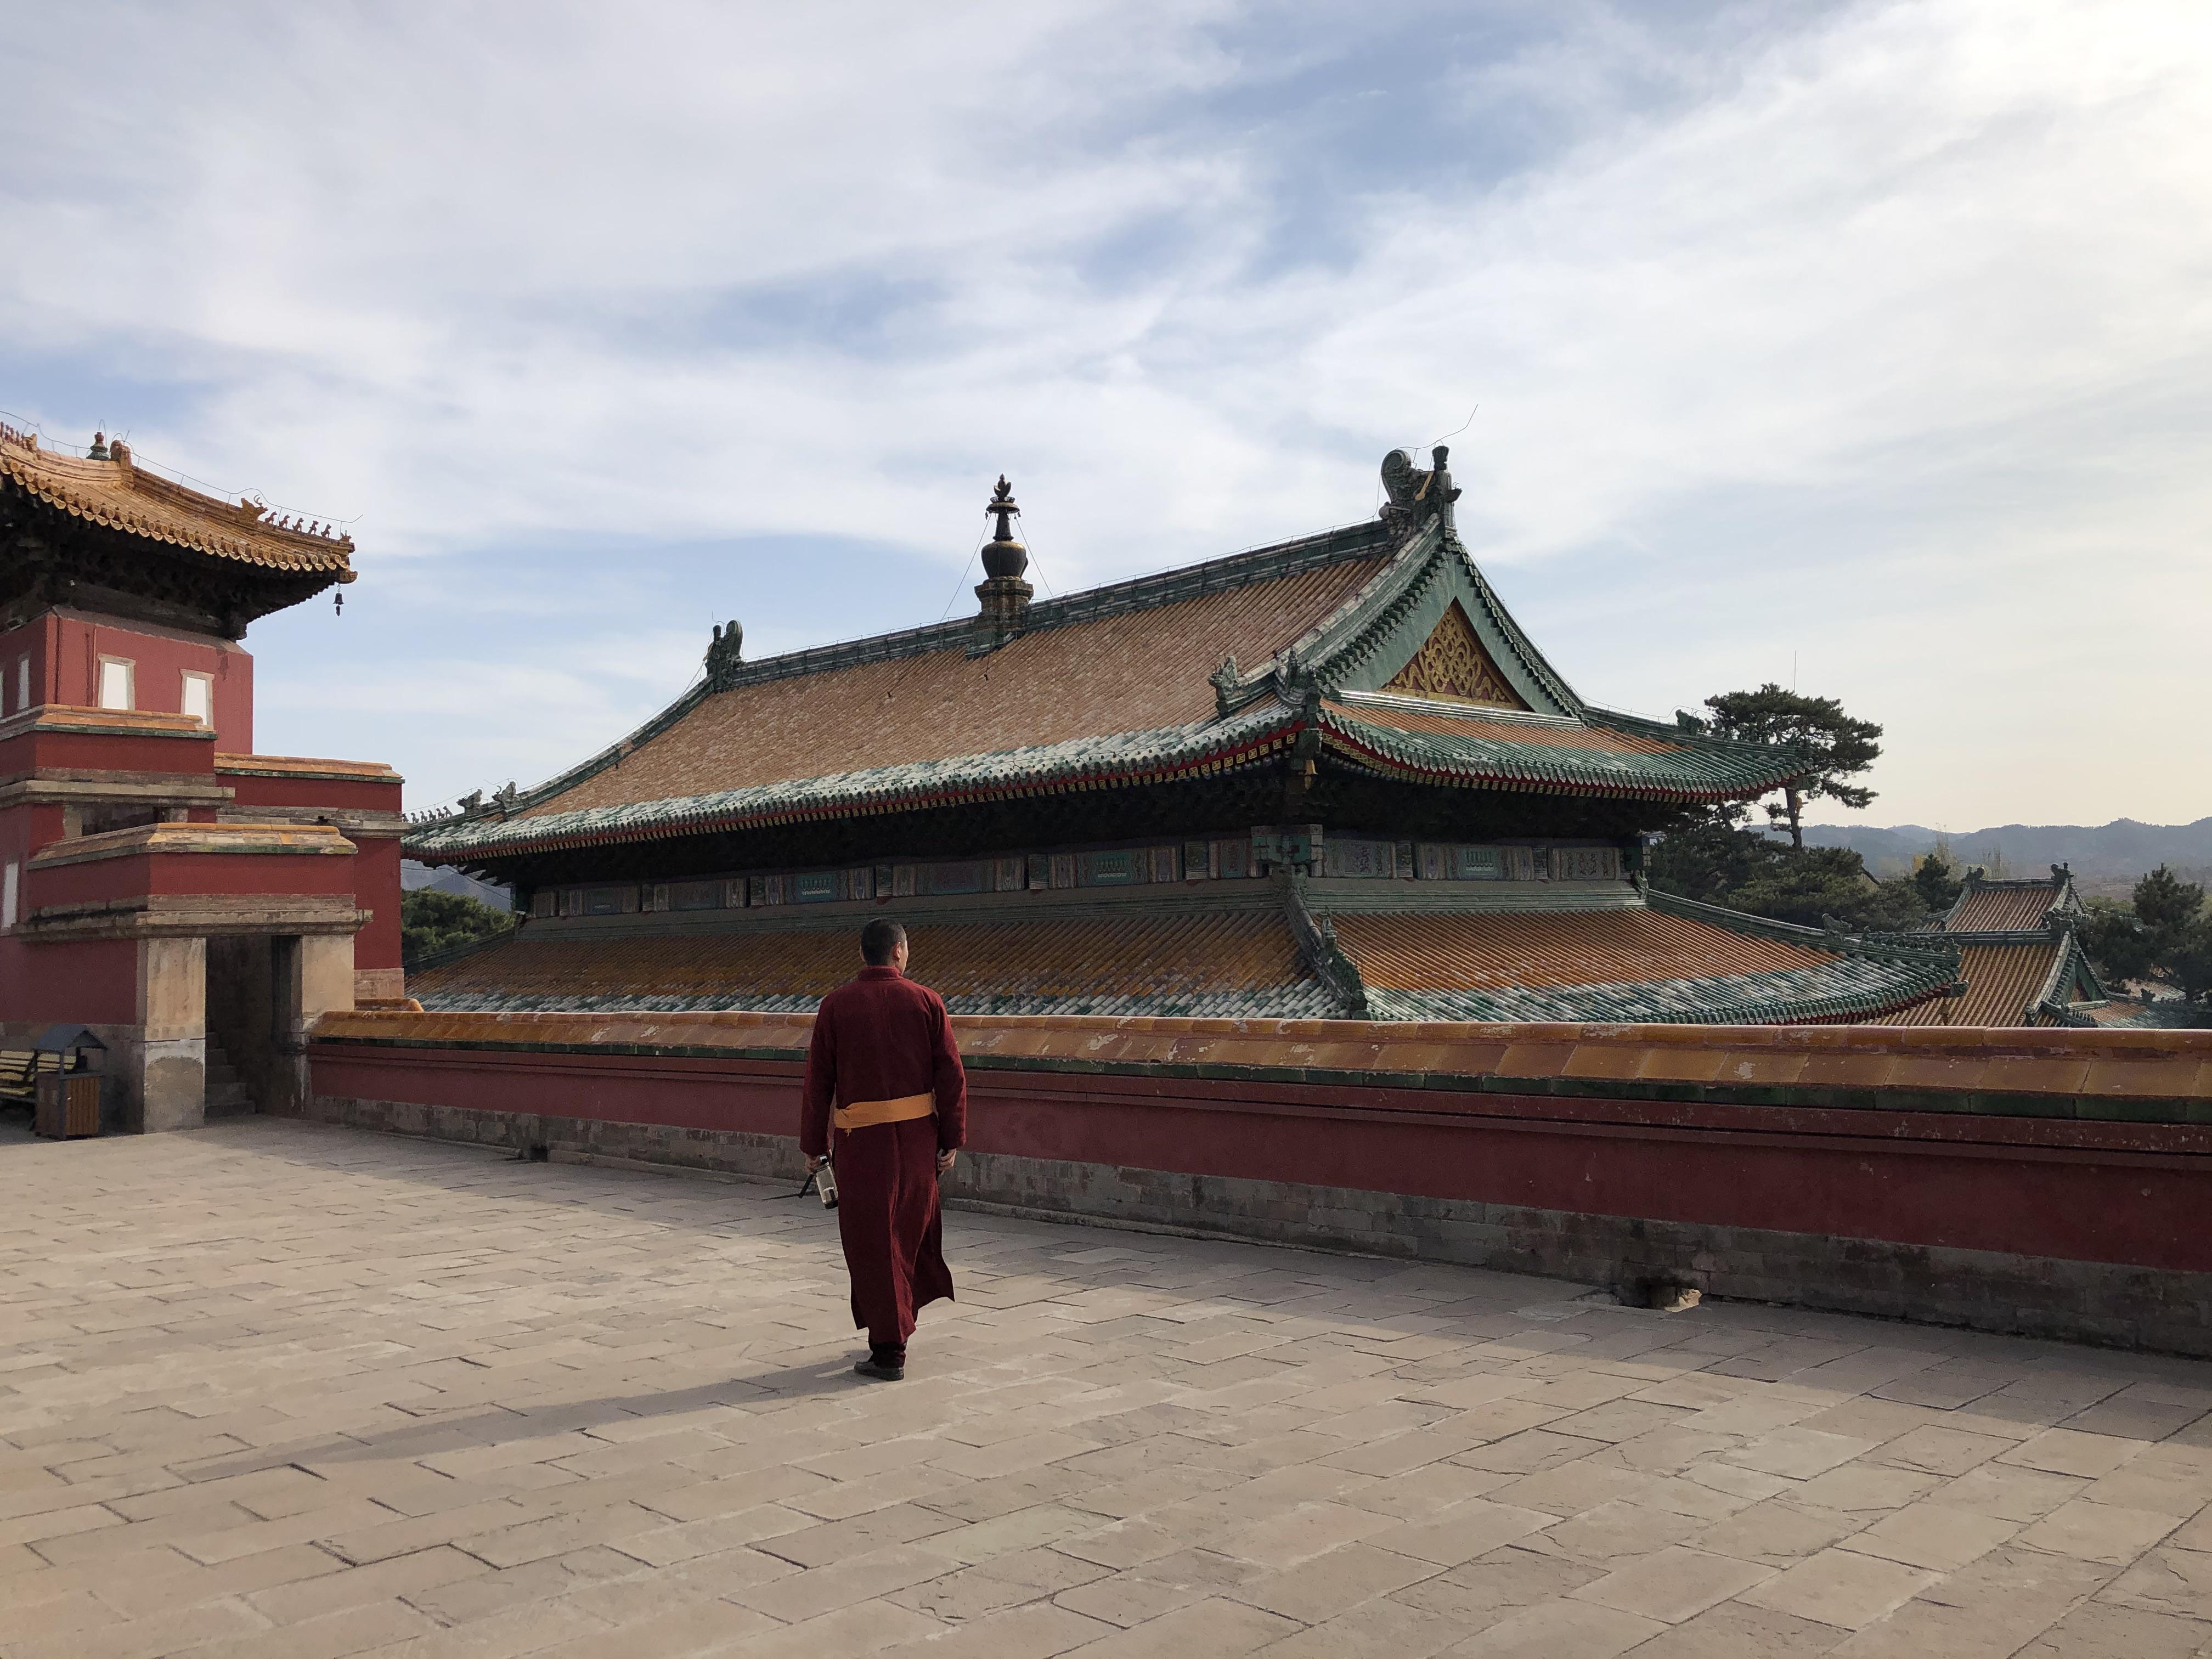 Visiter Chengde : Visiter les temples de Chengde